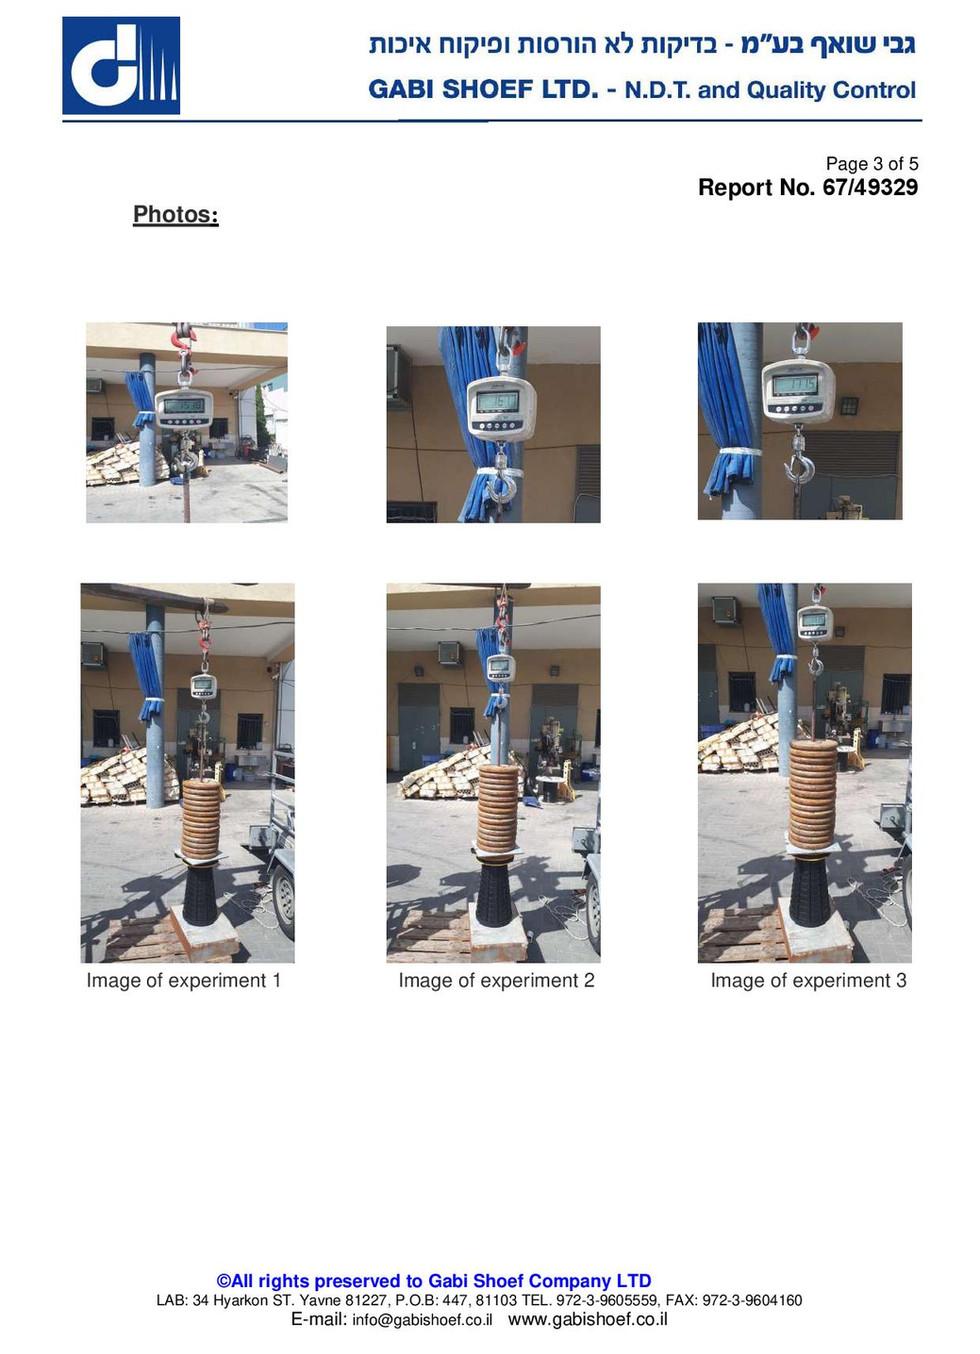 Lab report - 67-49329 - MiniMax_compress